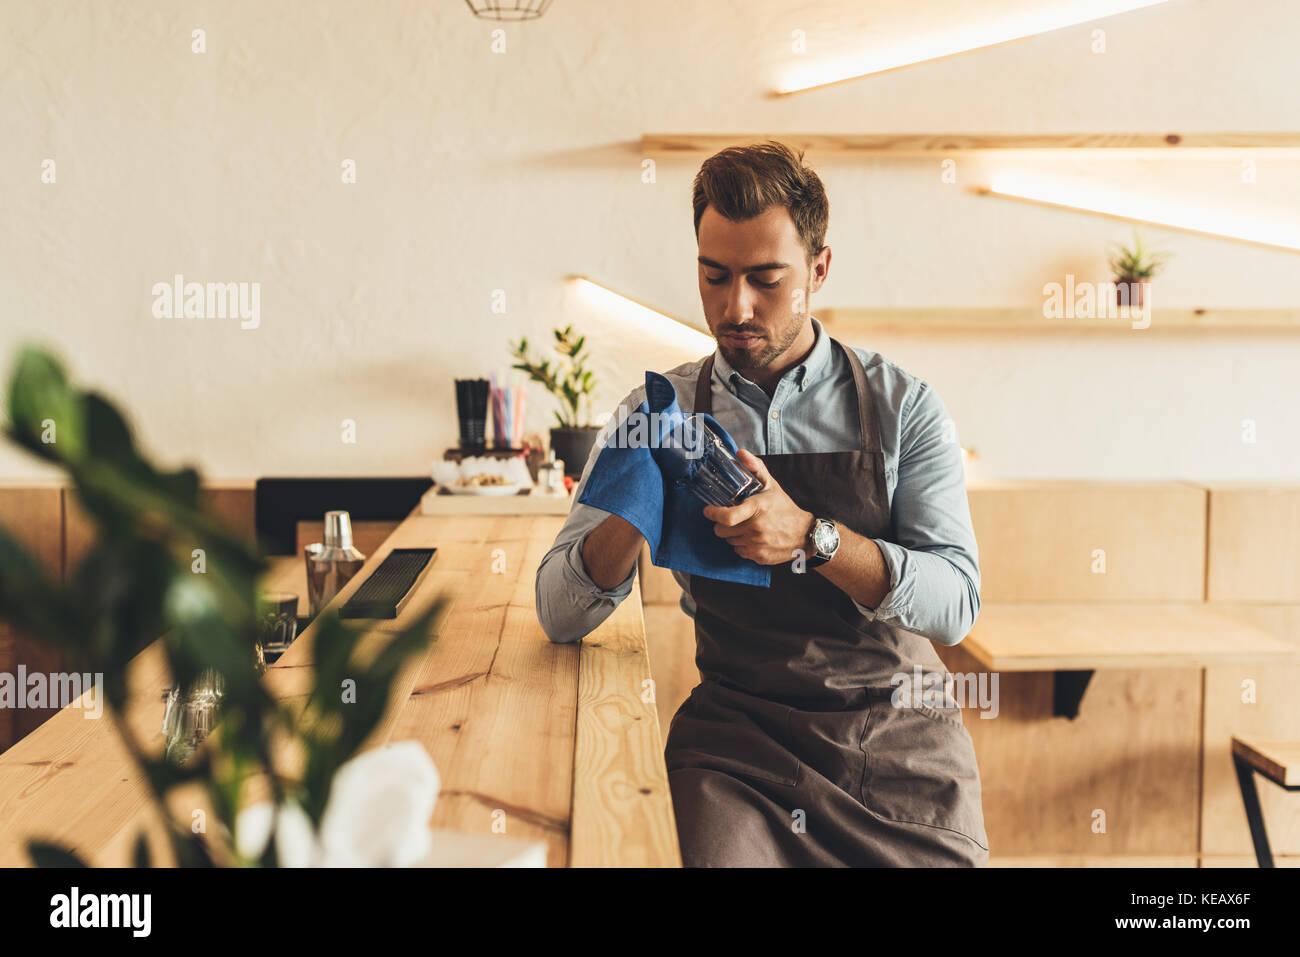 Barista Limpieza de vidrio Imagen De Stock